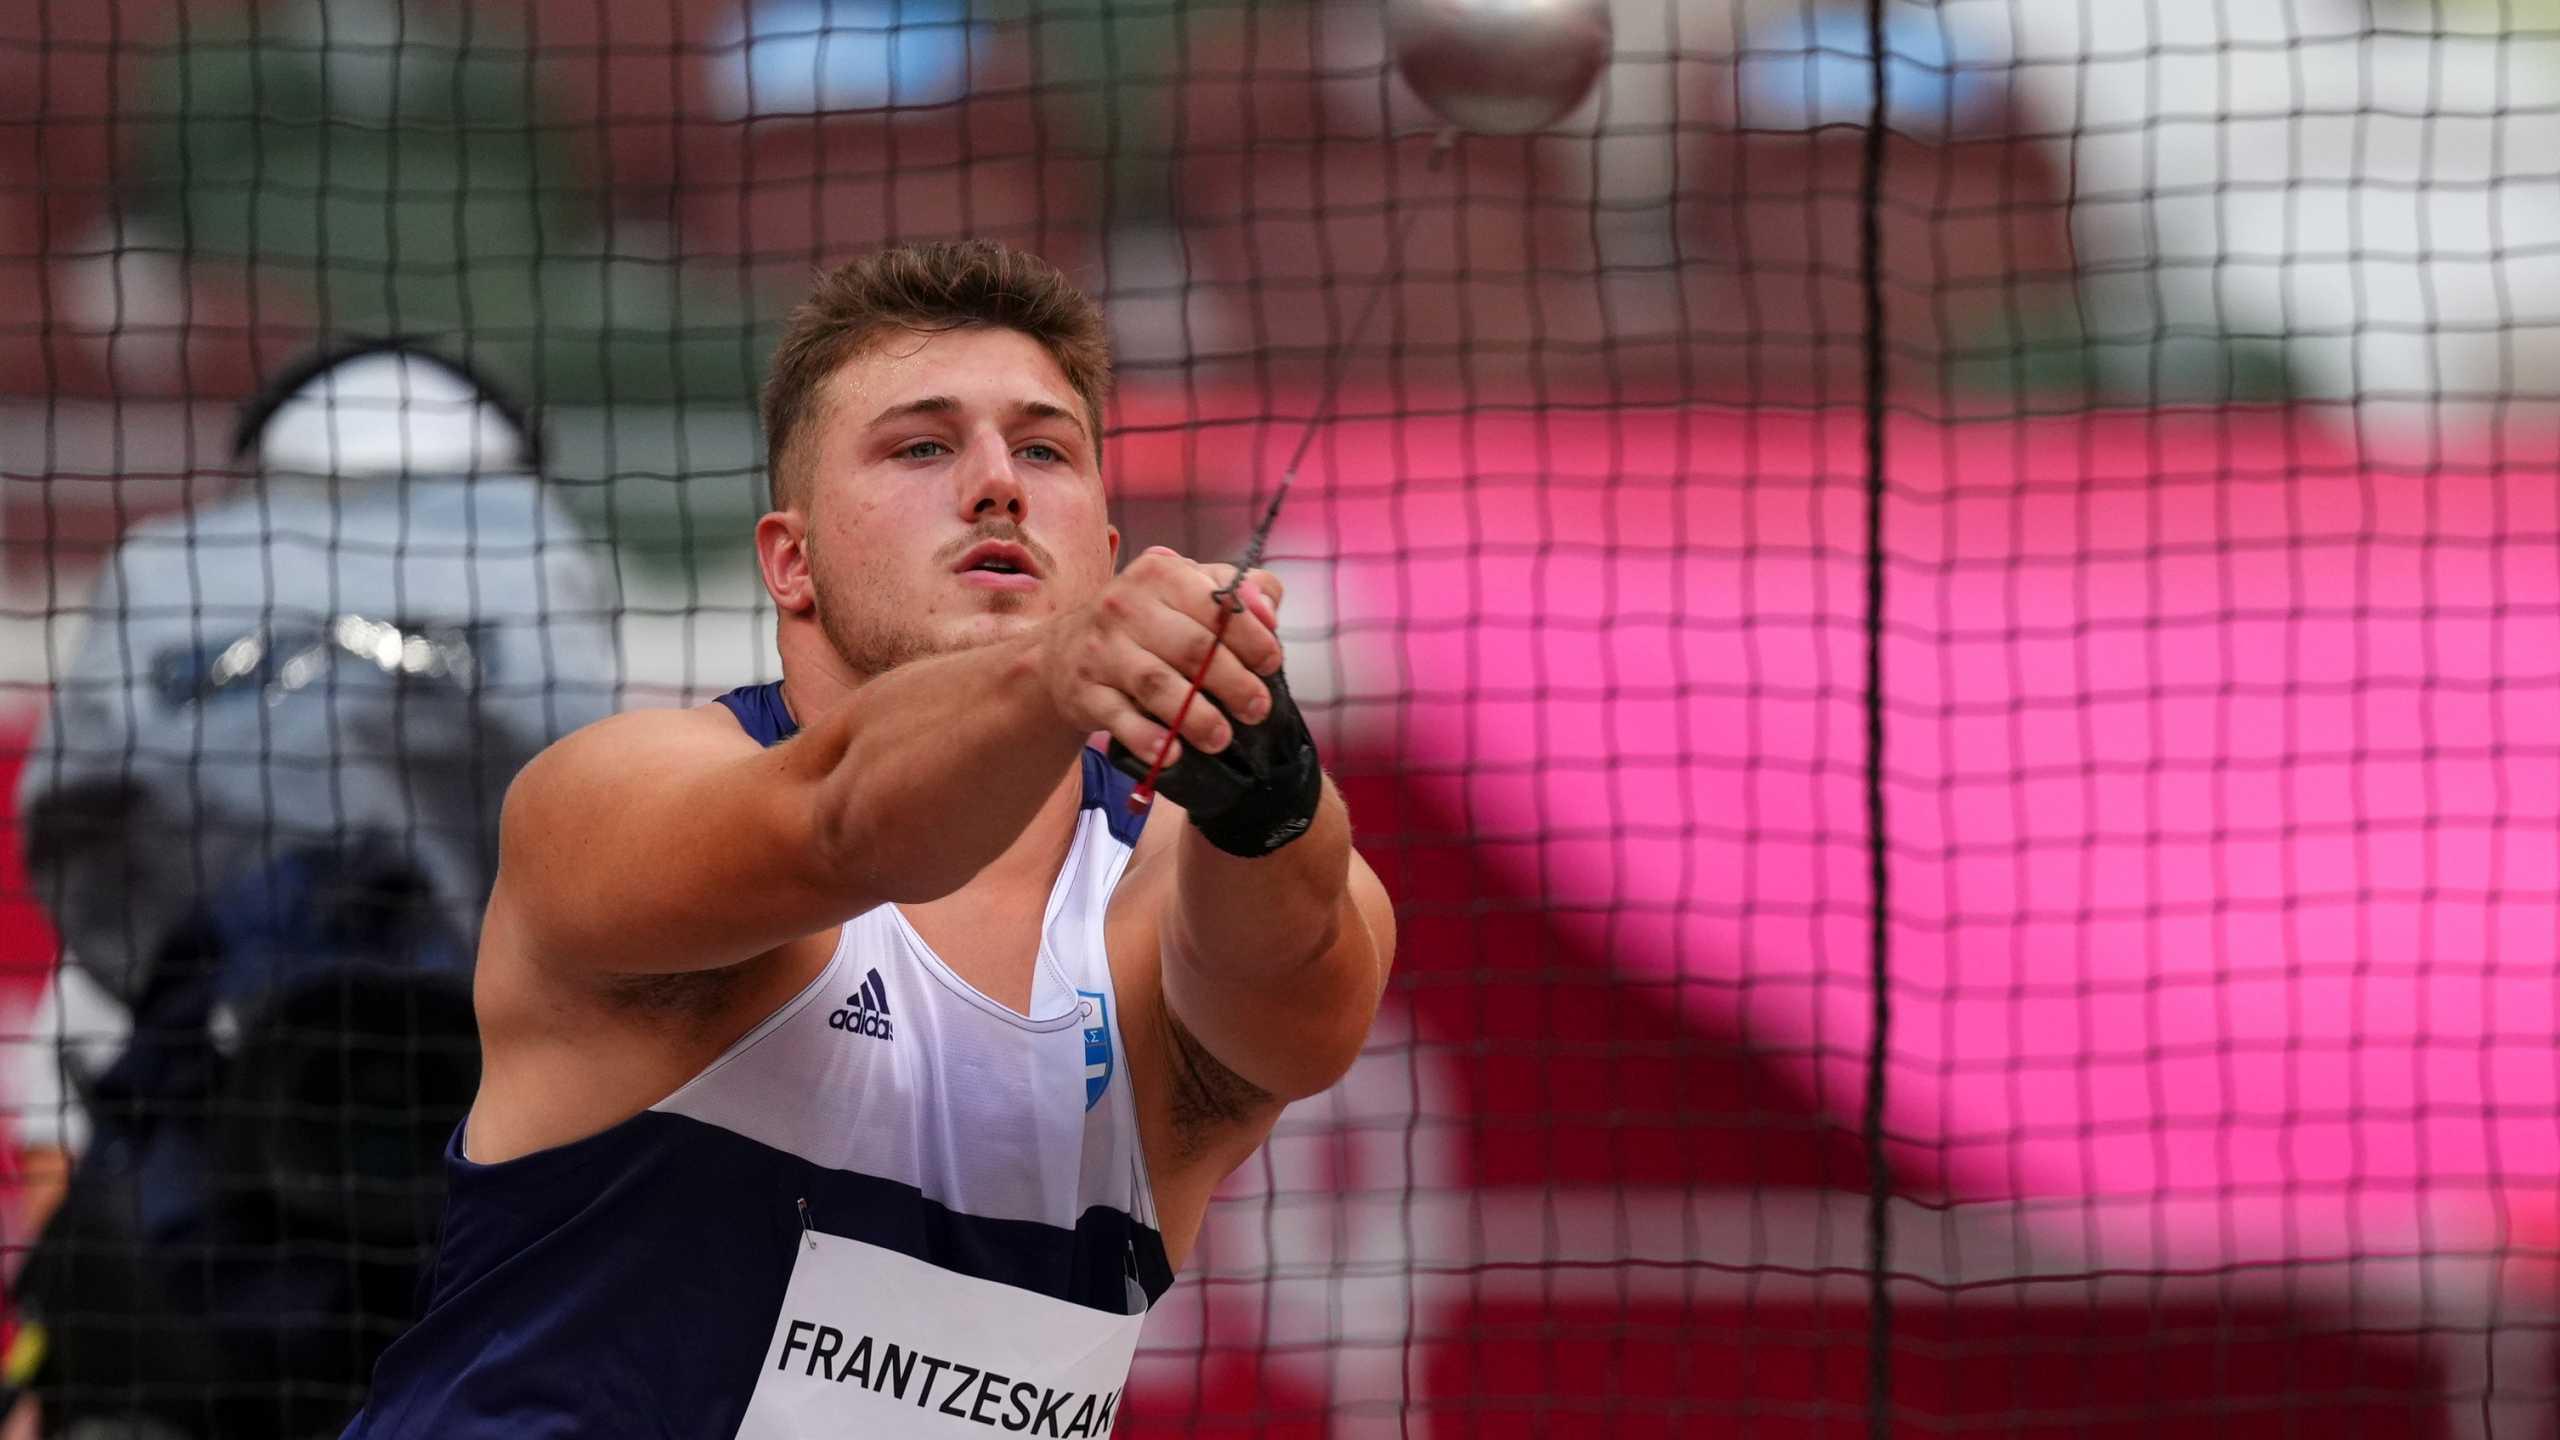 Ολυμπιακοί Αγώνες: Εκτός τελικού σφυροβολίας ο Χρήστος Φραντζεσκάκης